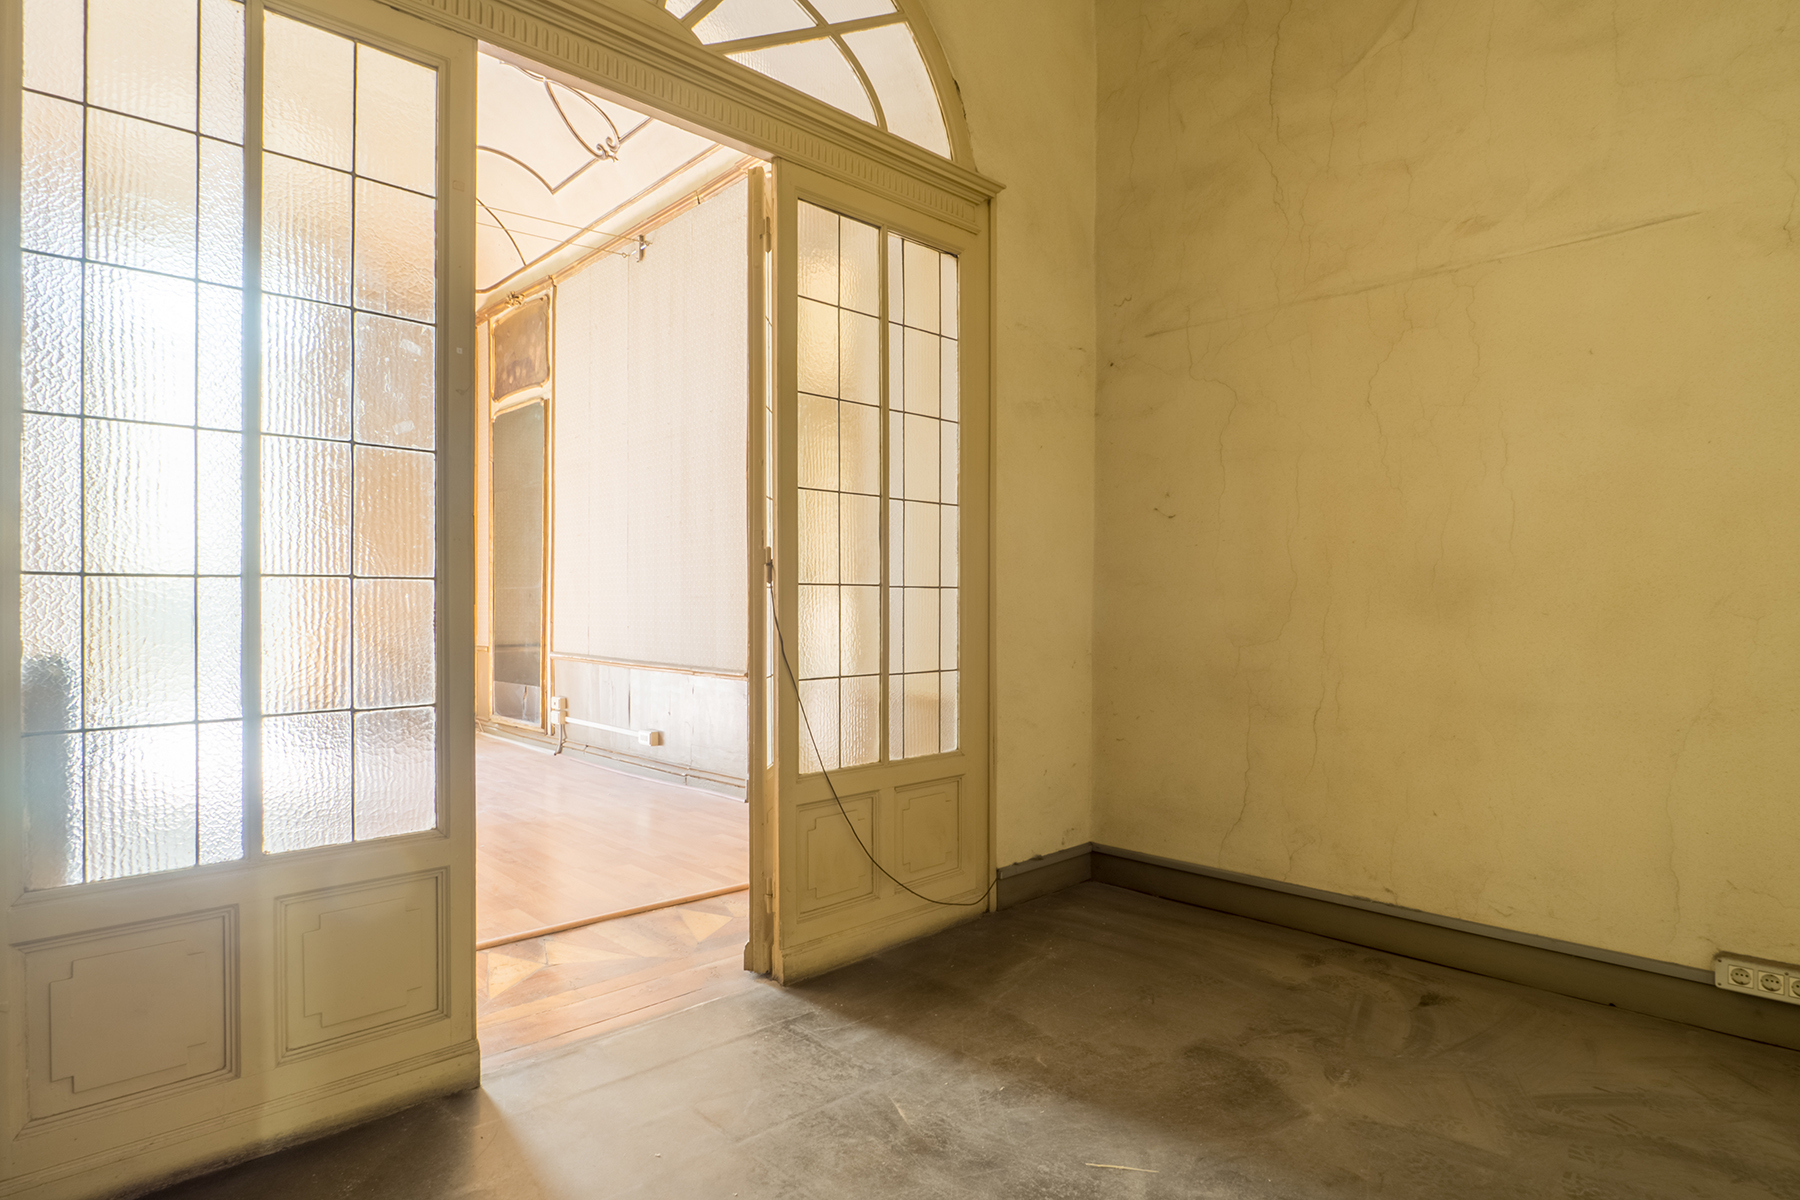 Ufficio-studio in Affitto a Torino: 5 locali, 1000 mq - Foto 13